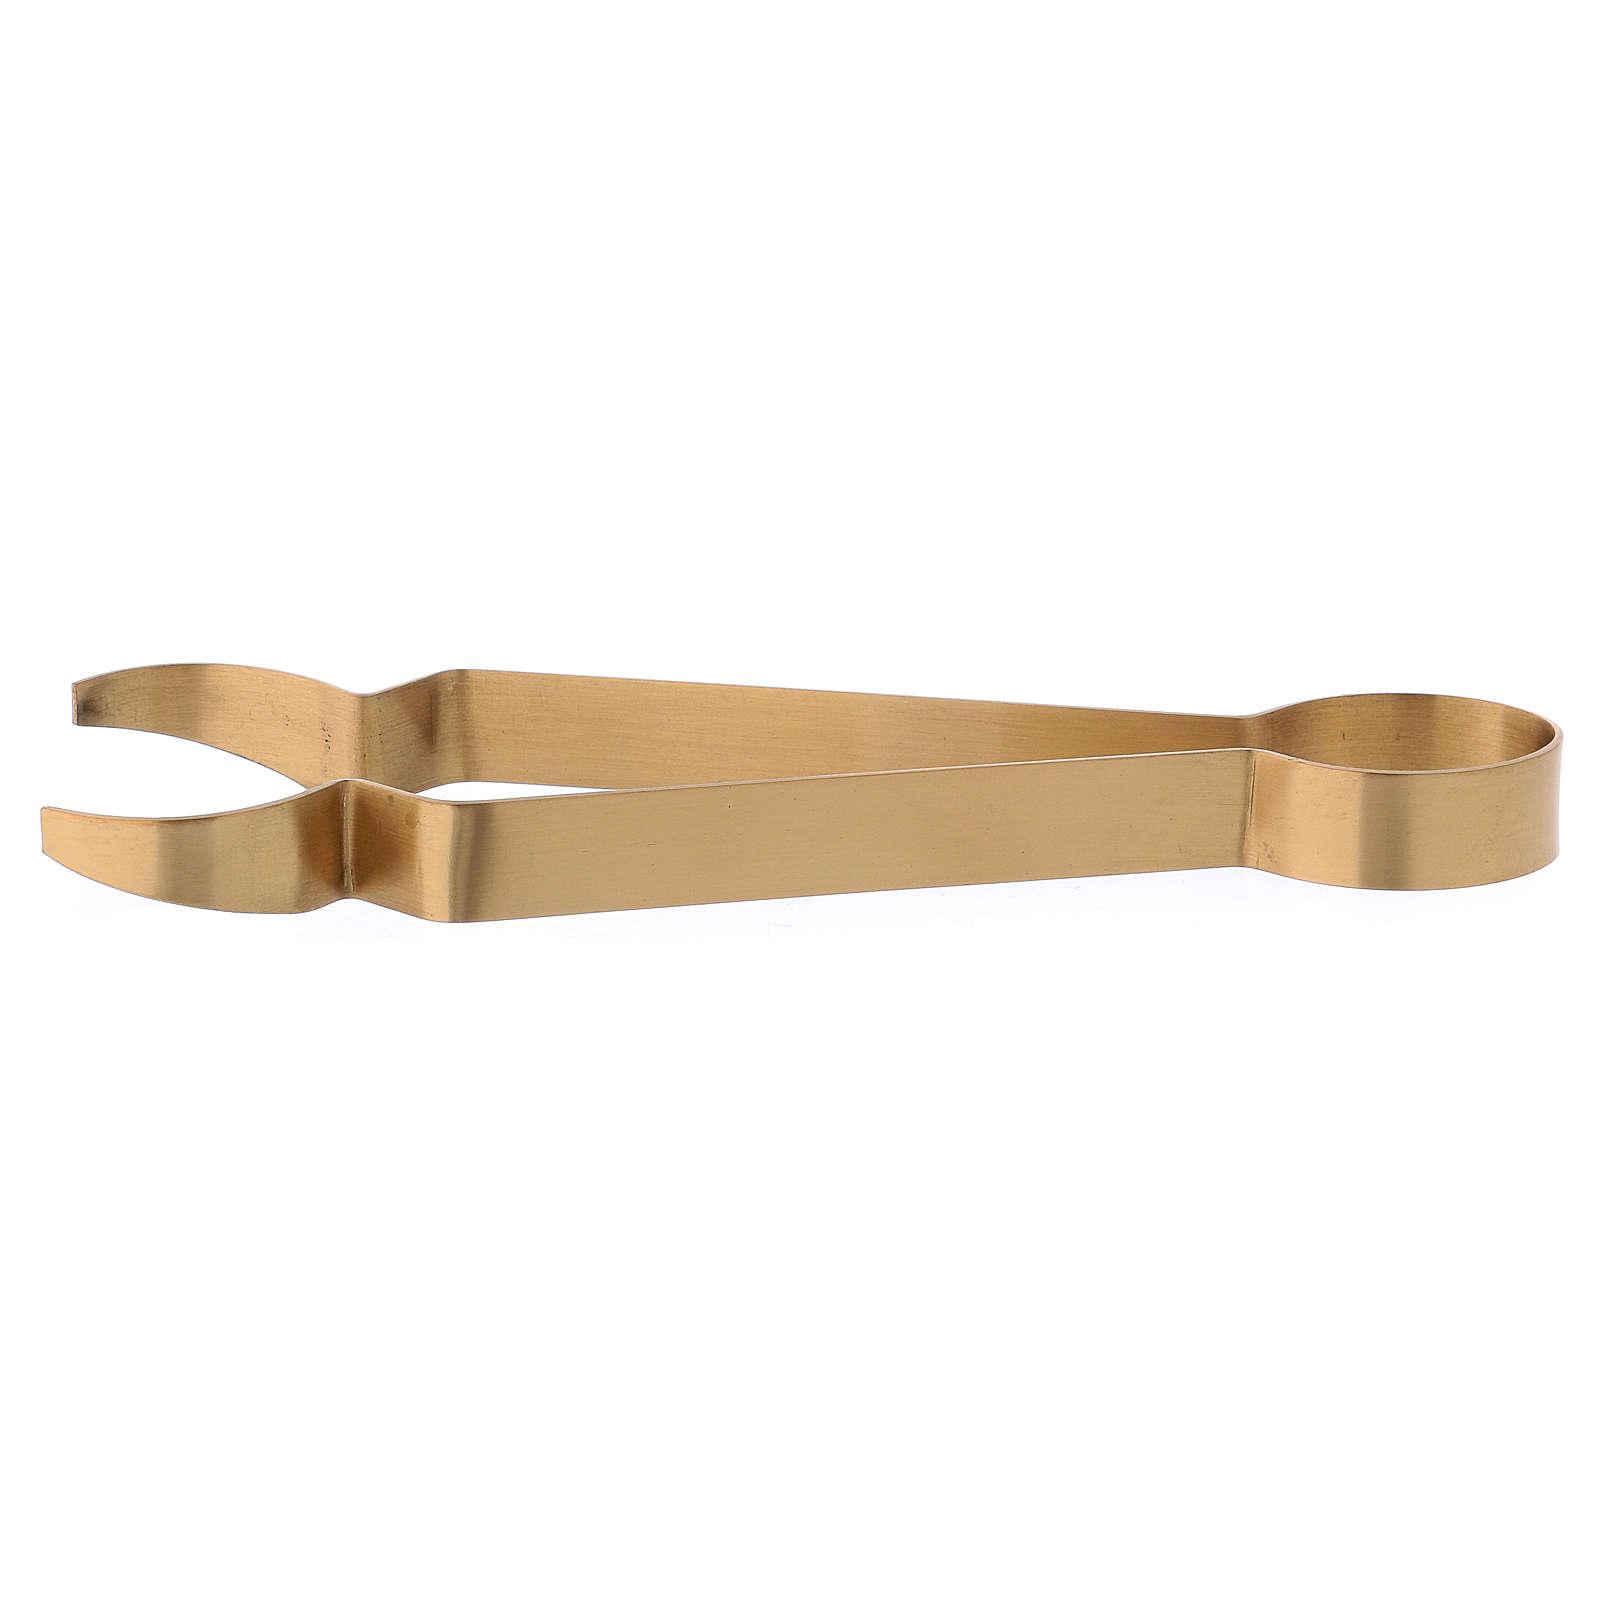 Pince pour charbons laiton doré mat 18 cm 3